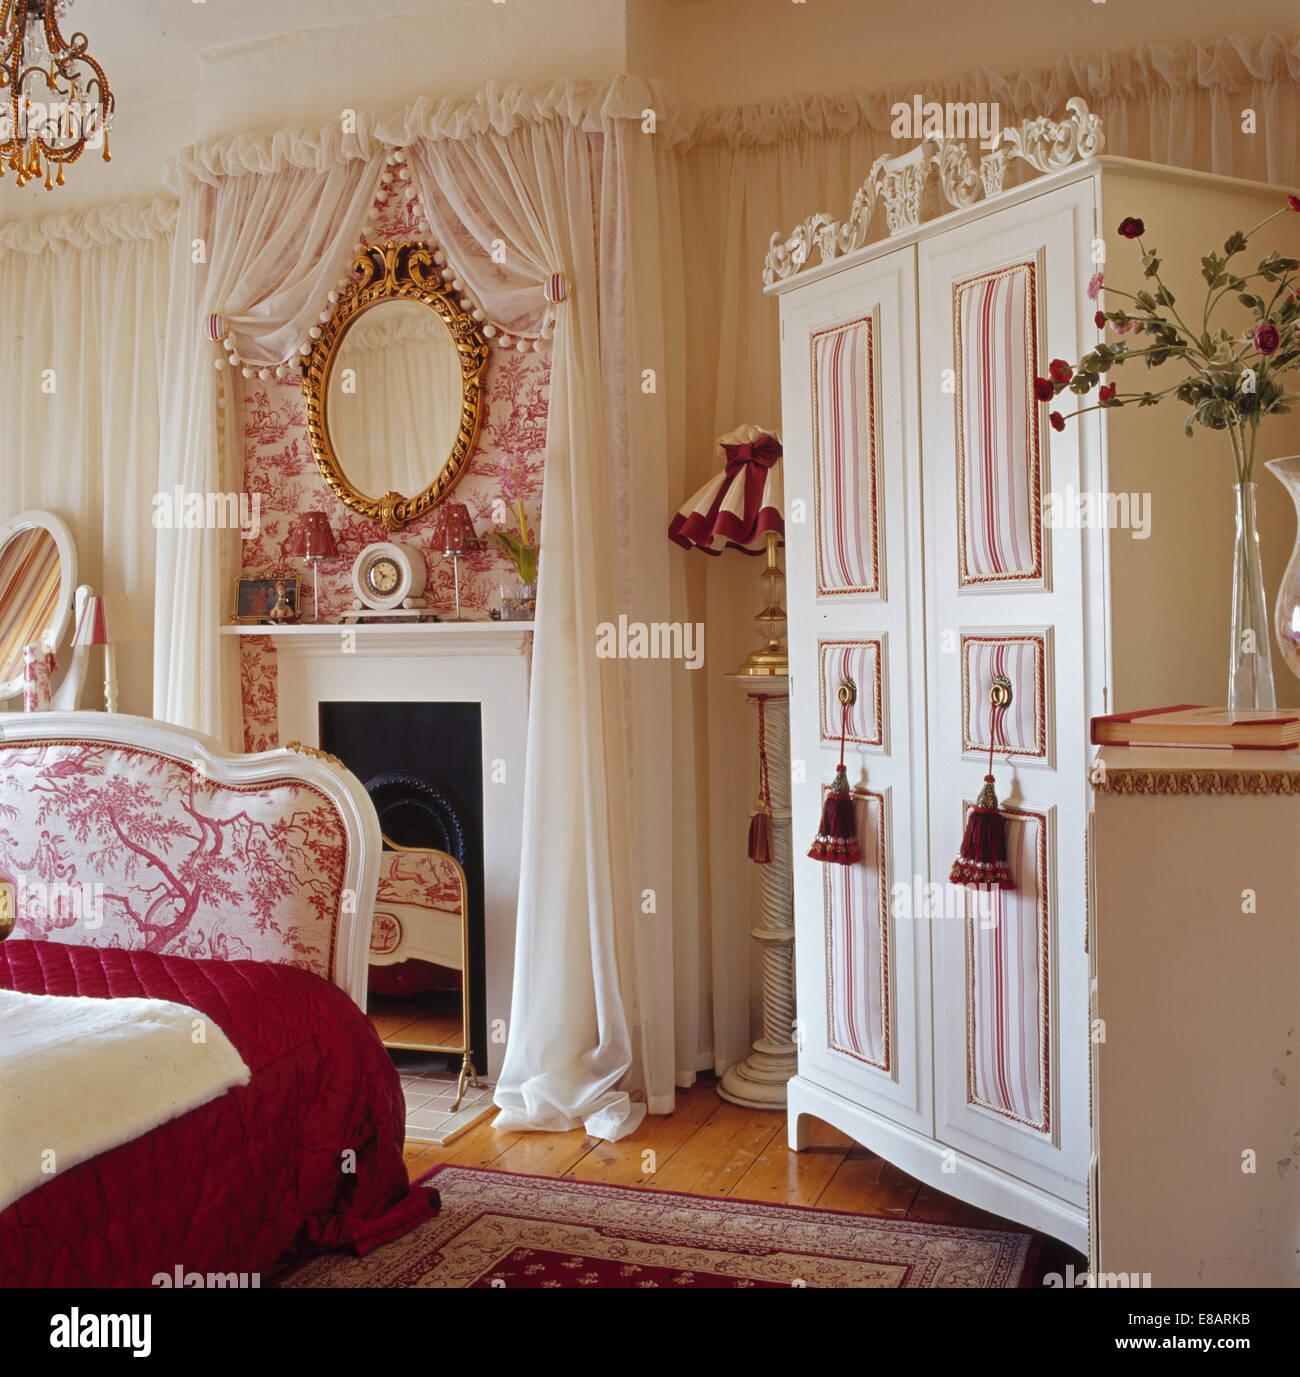 Creme Kleiderschrank im Schlafzimmer mit cremefarbenen Voile ...